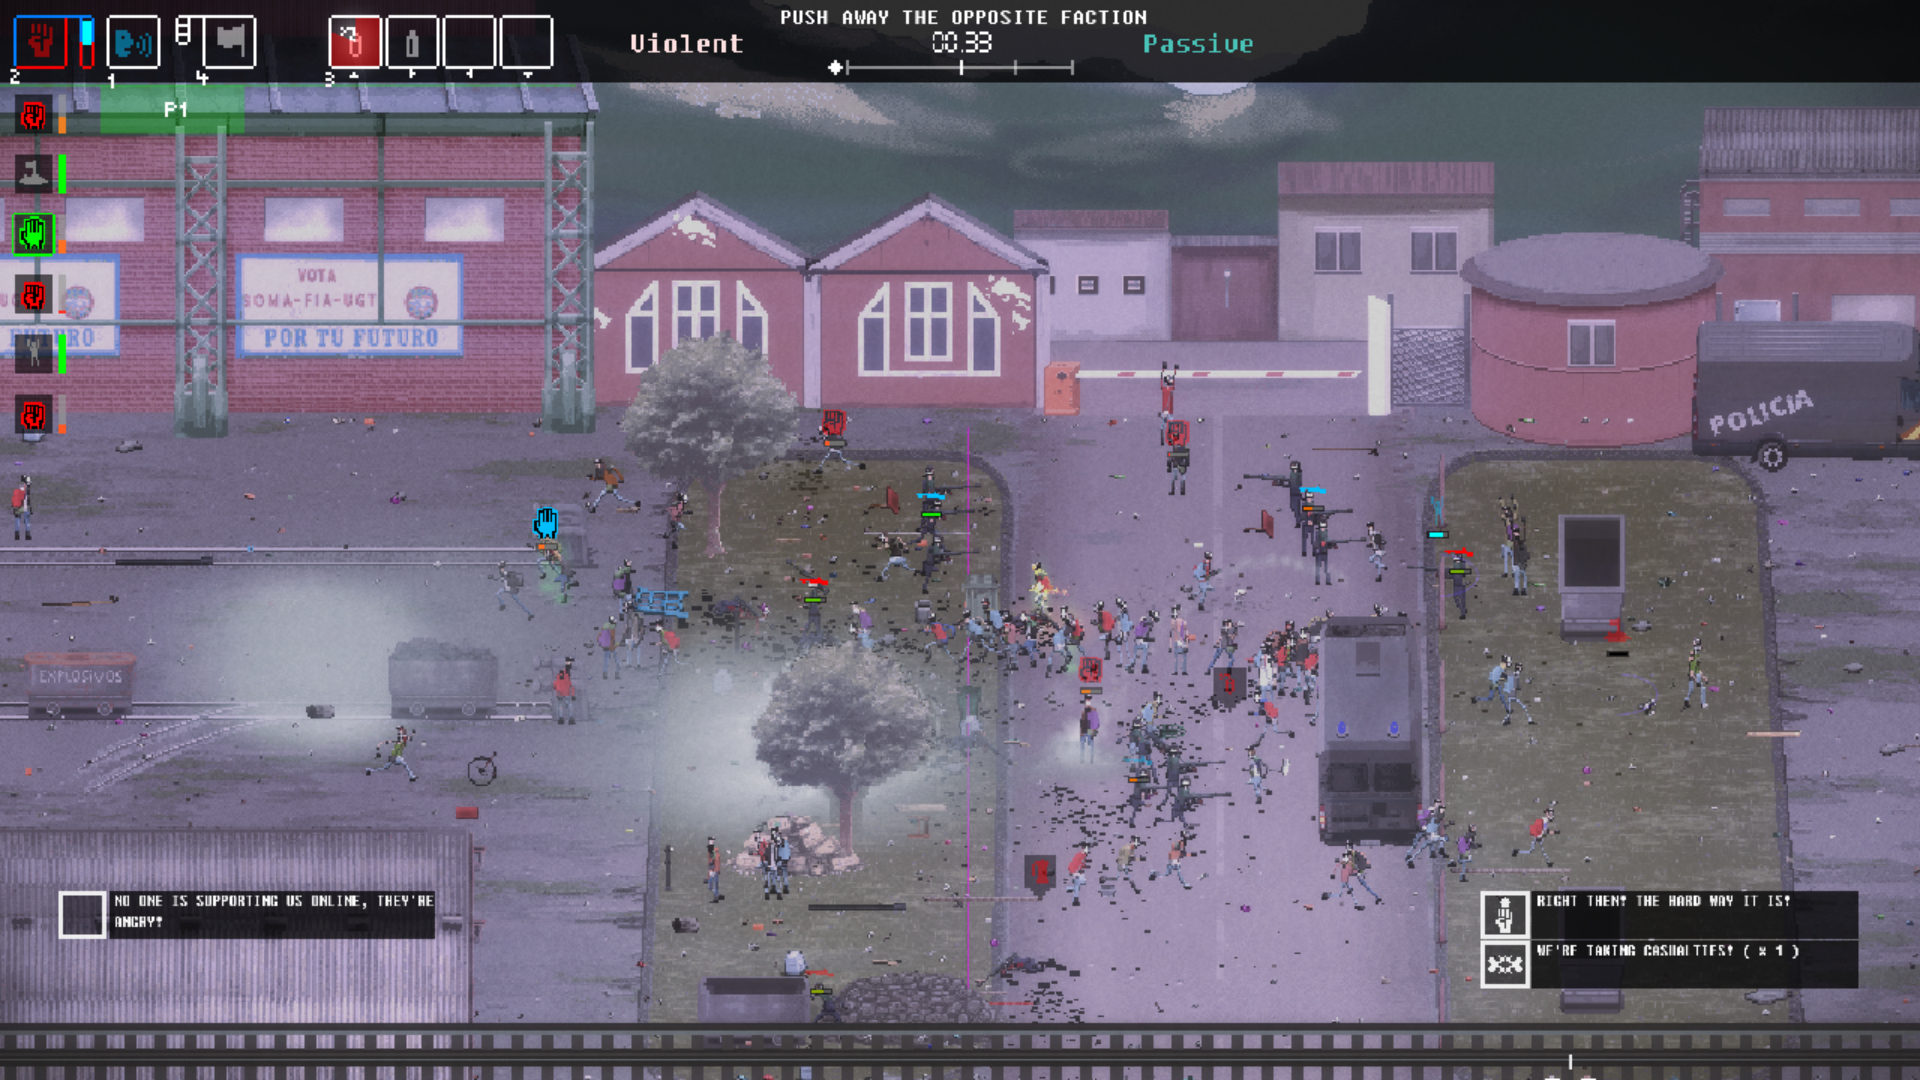 riot civil unrest screenshot 3